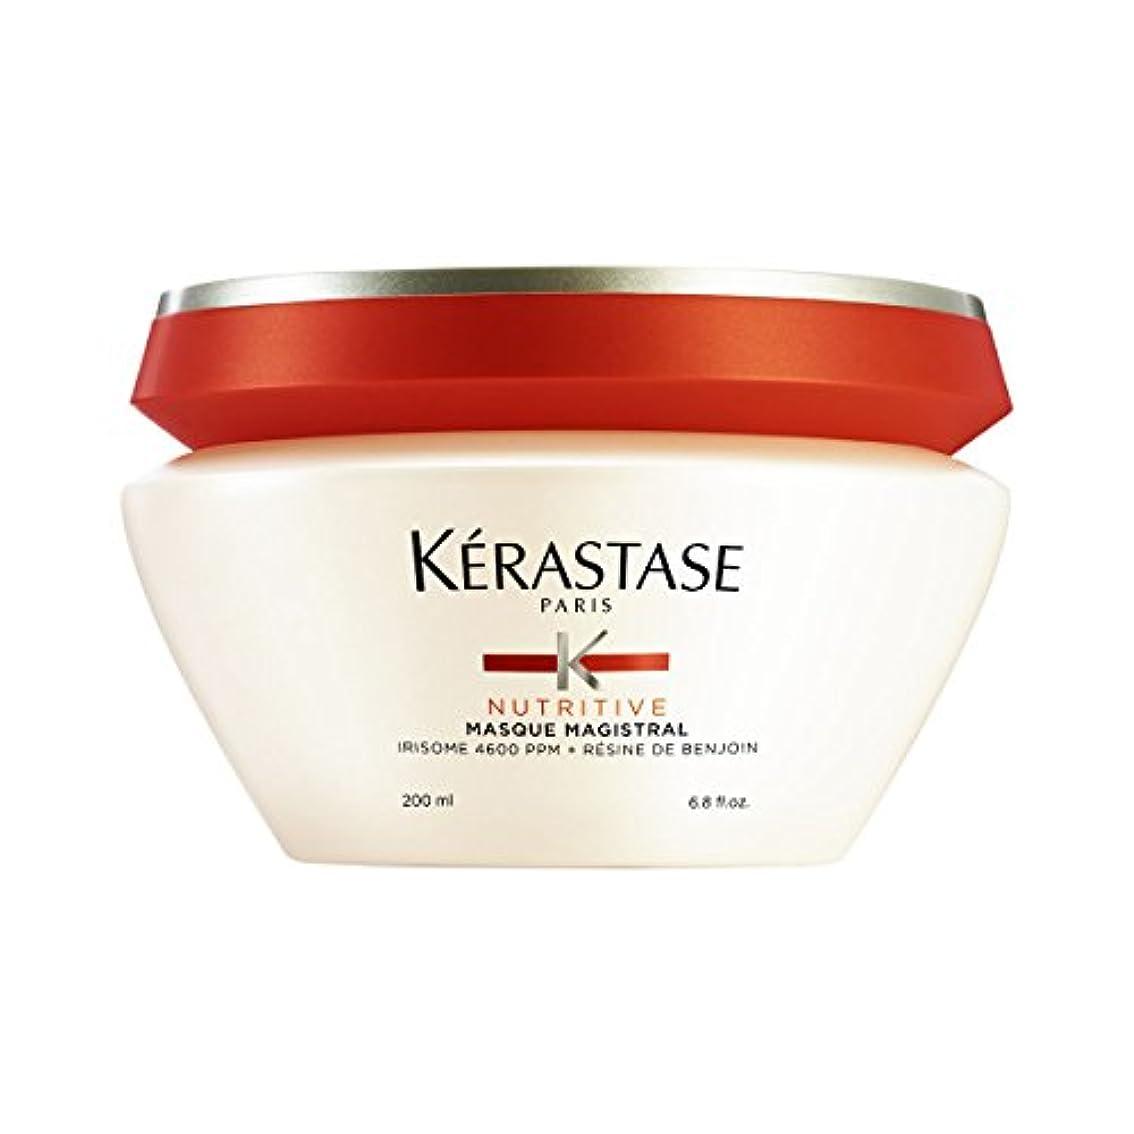 砦リース電話に出るK駻astase Nutritive Masque Magistral Hair Mask 200ml [並行輸入品]